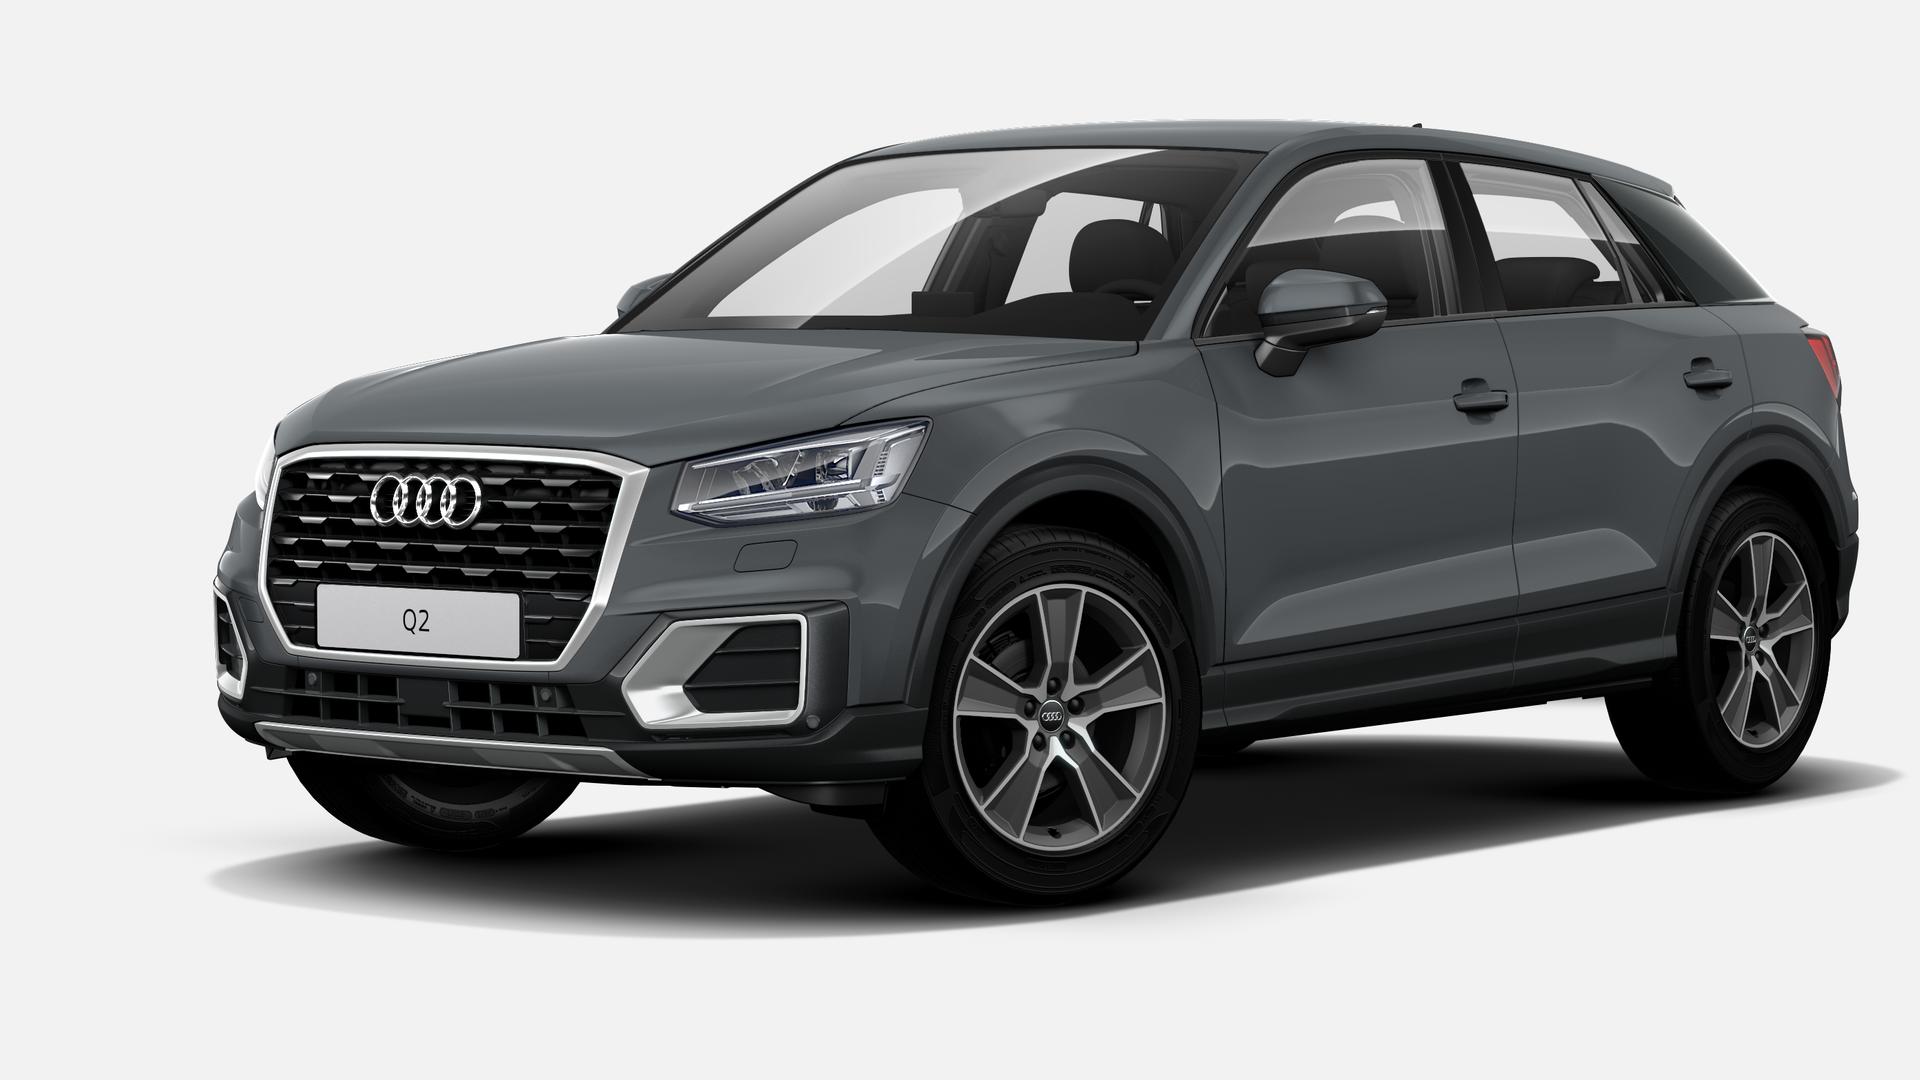 Audi Q2 1.6 TDI Design edition 85 kW (116 CV)  nuevo en Lugo